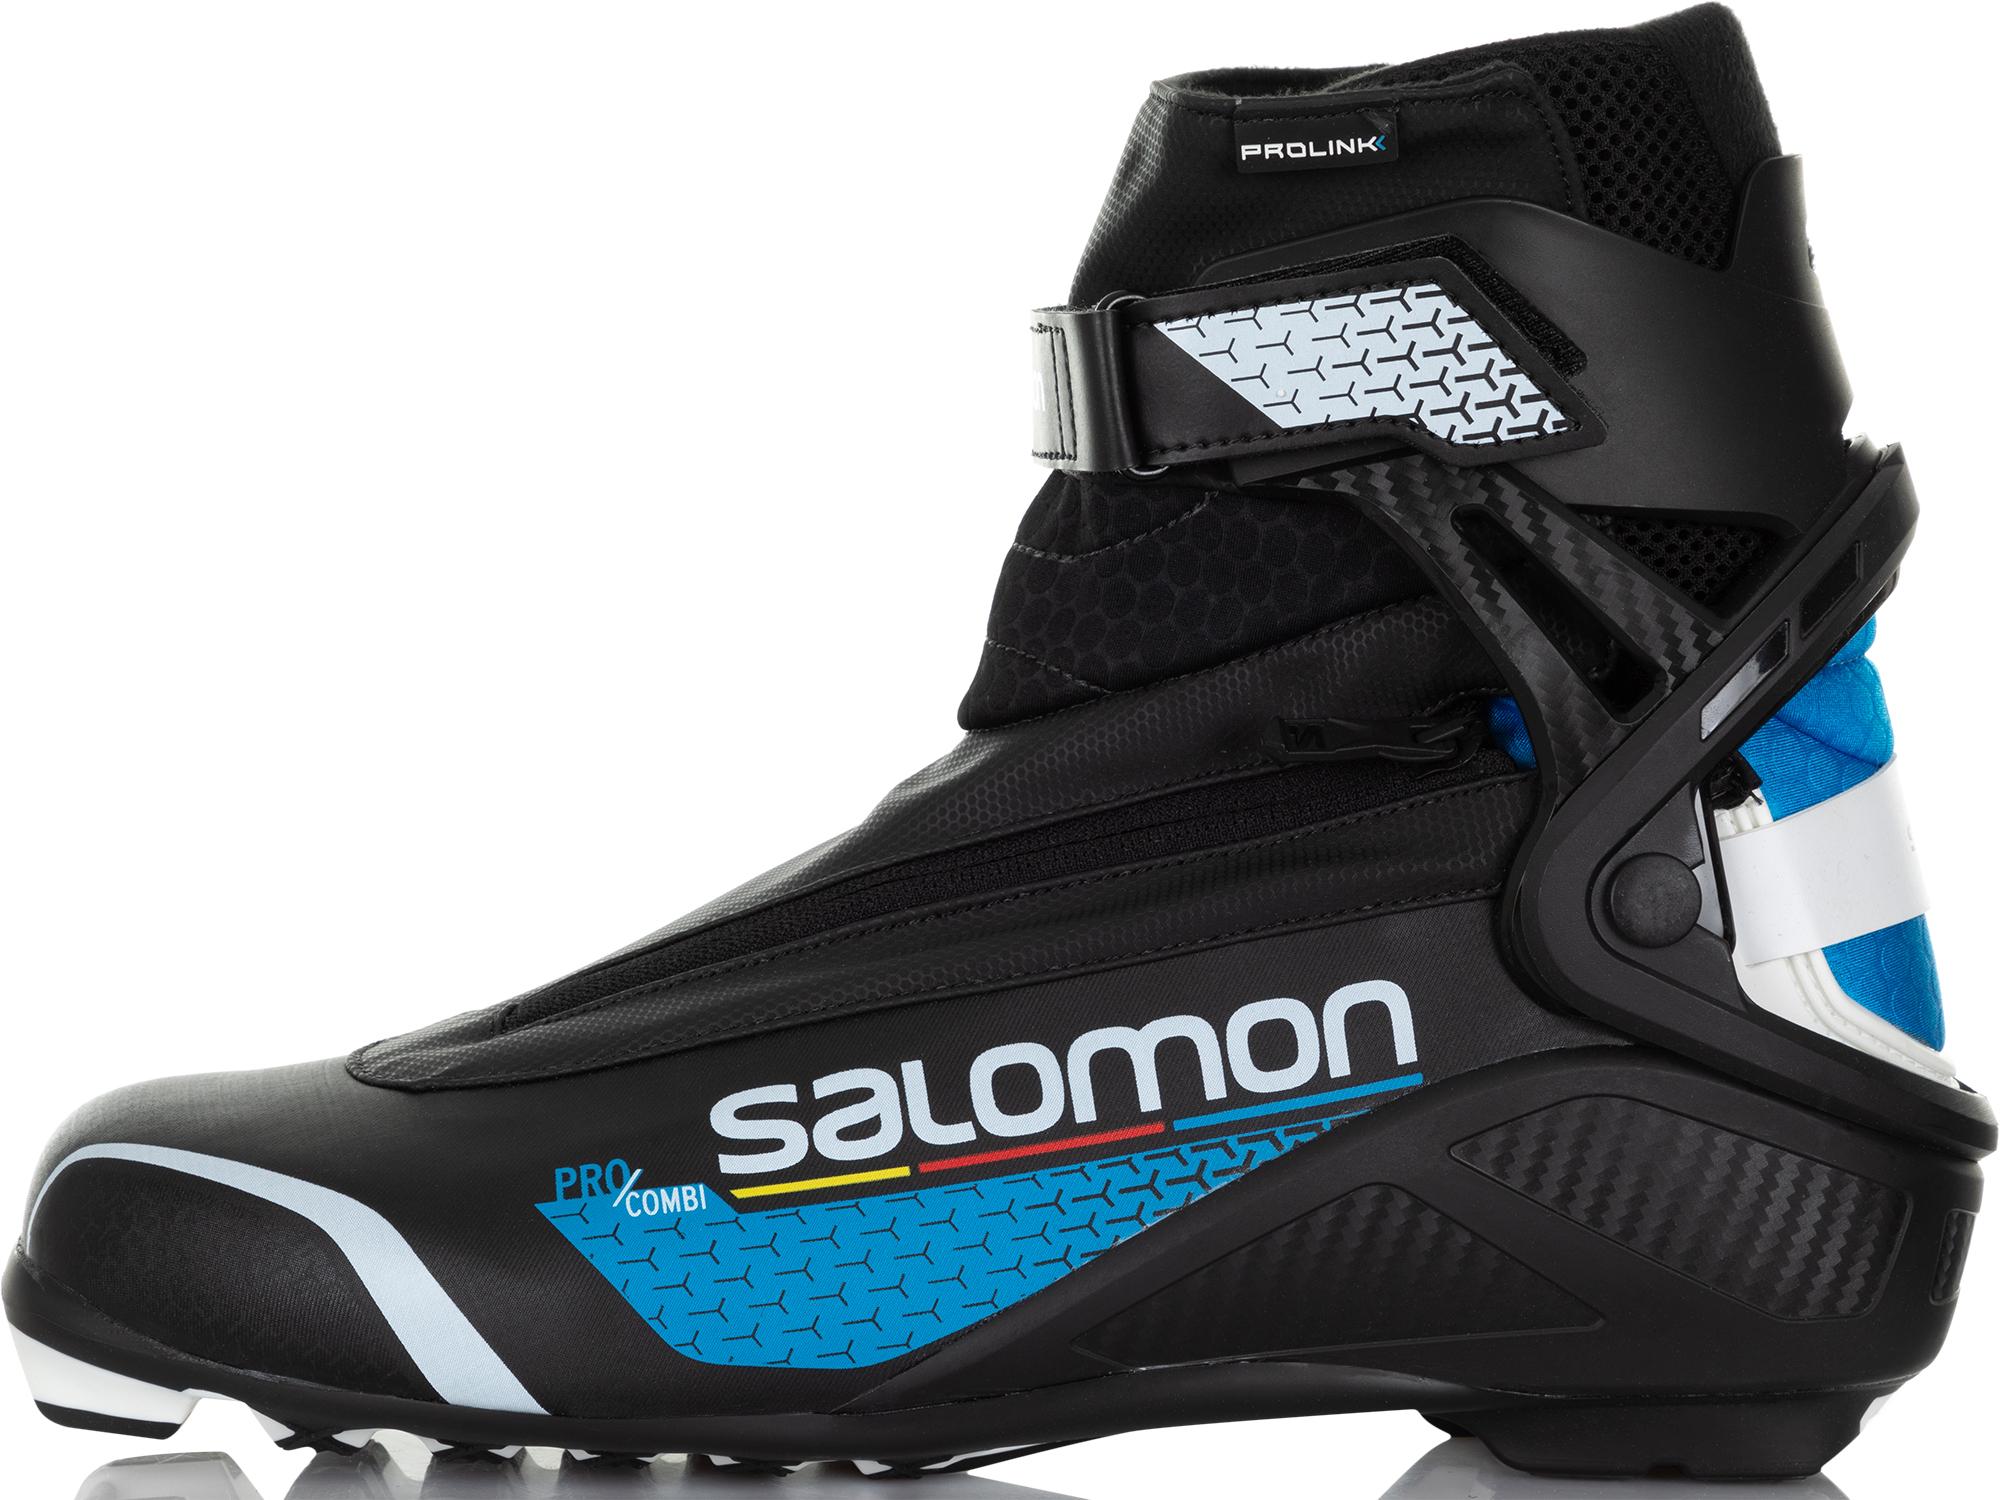 Salomon Ботинки для беговых лыж Pro Combi Prolink